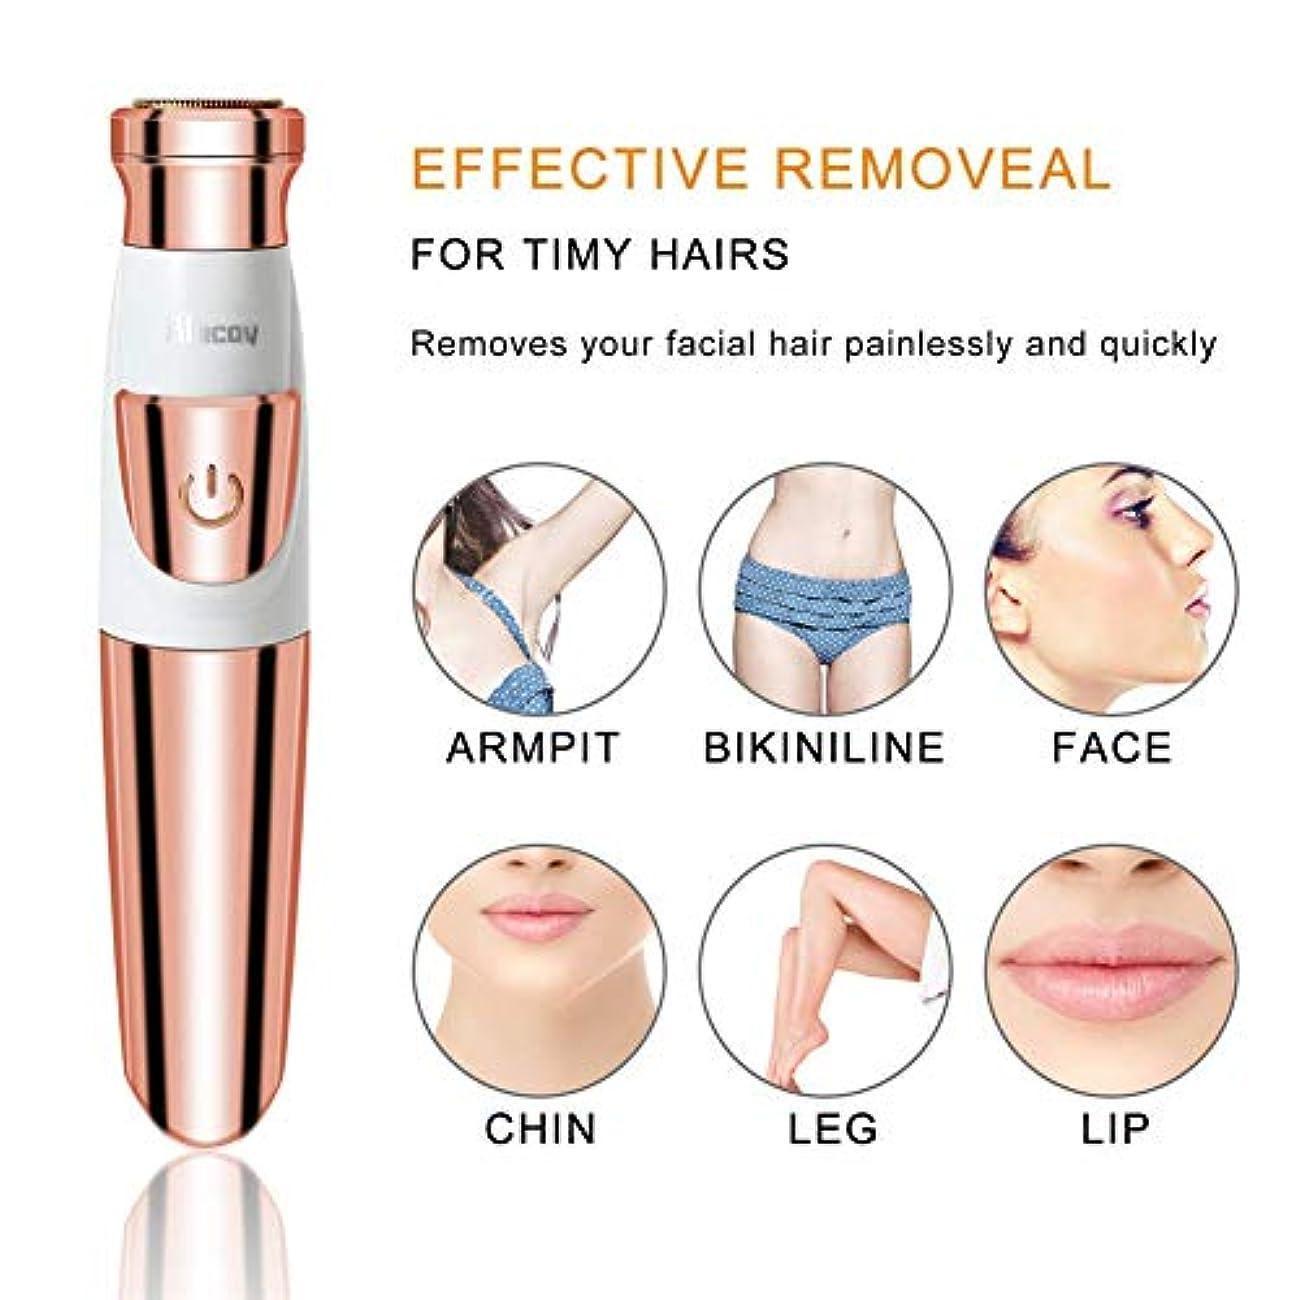 評決ドットショルダー電気シェーバー、女性の痛みのない体の顔の電気シェーバー、USB充電式、女性のための脱毛剤